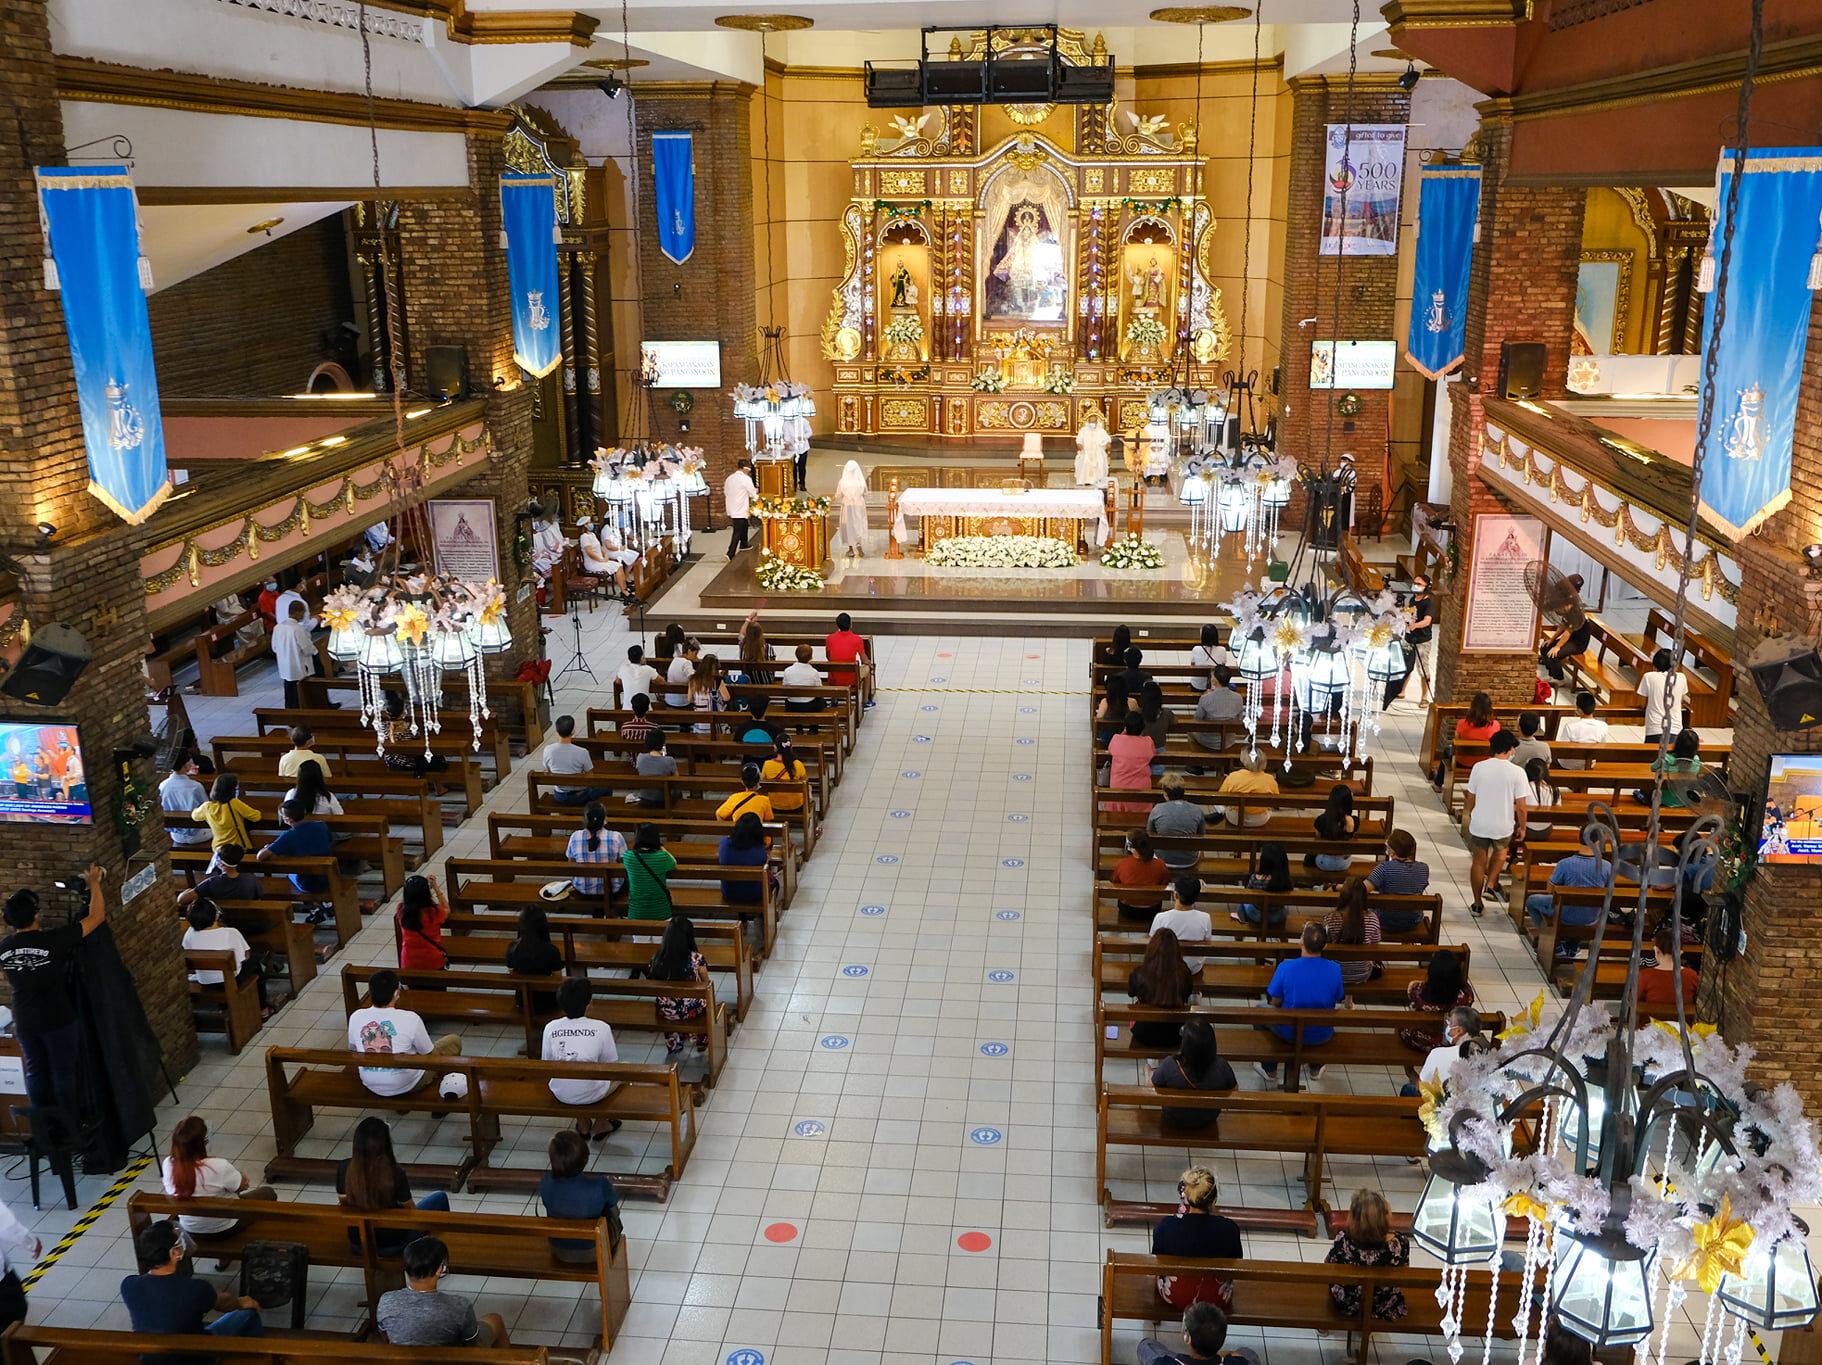 2 days ago Facebook Diocesan Shrine and Parish of Nuestra Señora de Aranzazu San Mateo